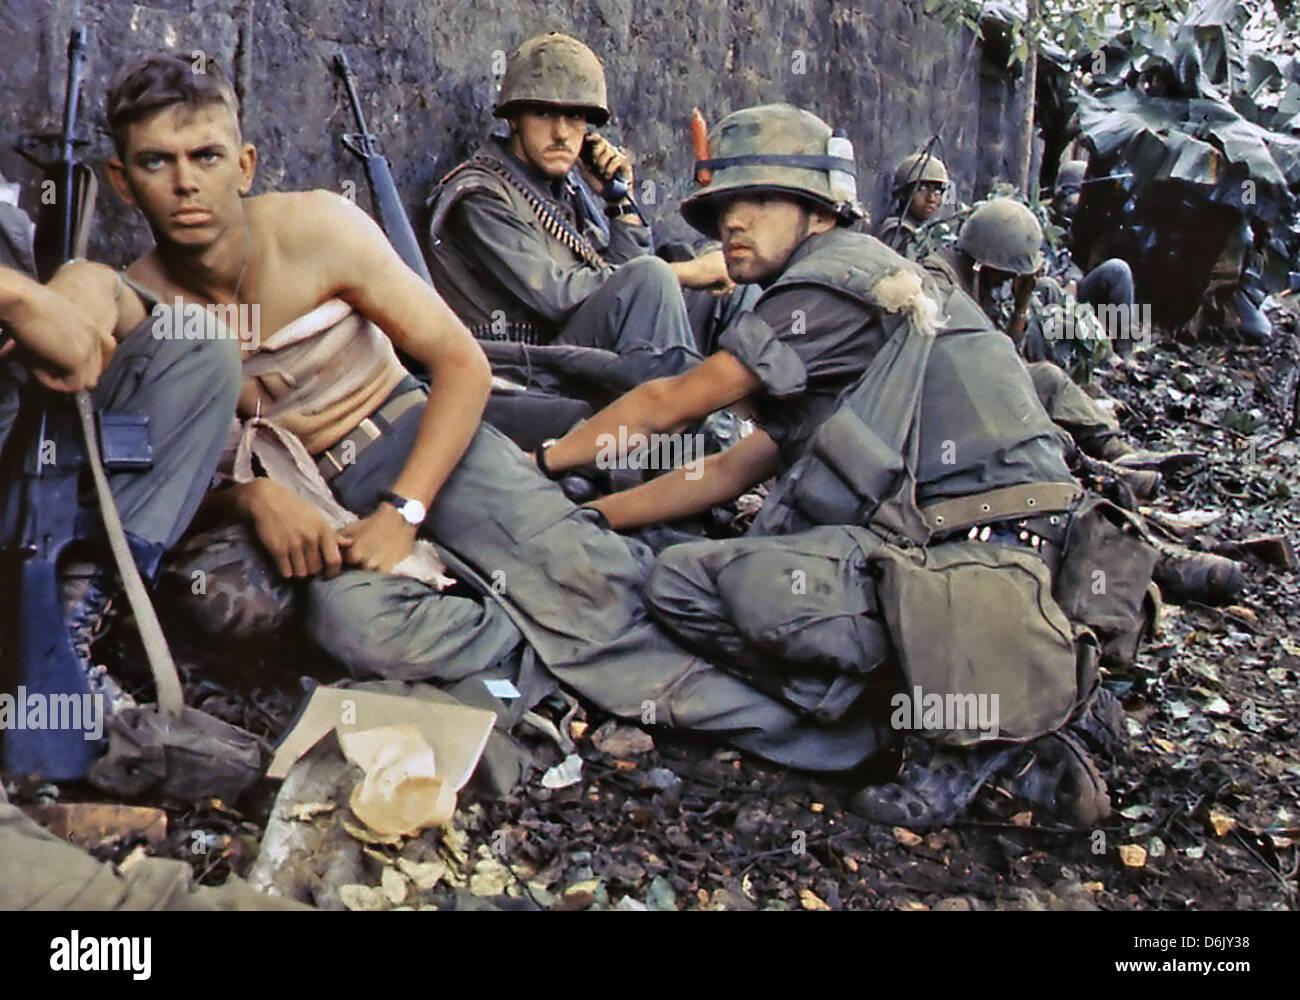 US Marine D. R. Howe traite les blessures du Soldat de première classe D. A. Crum pendant l'Offensive du Photo Stock